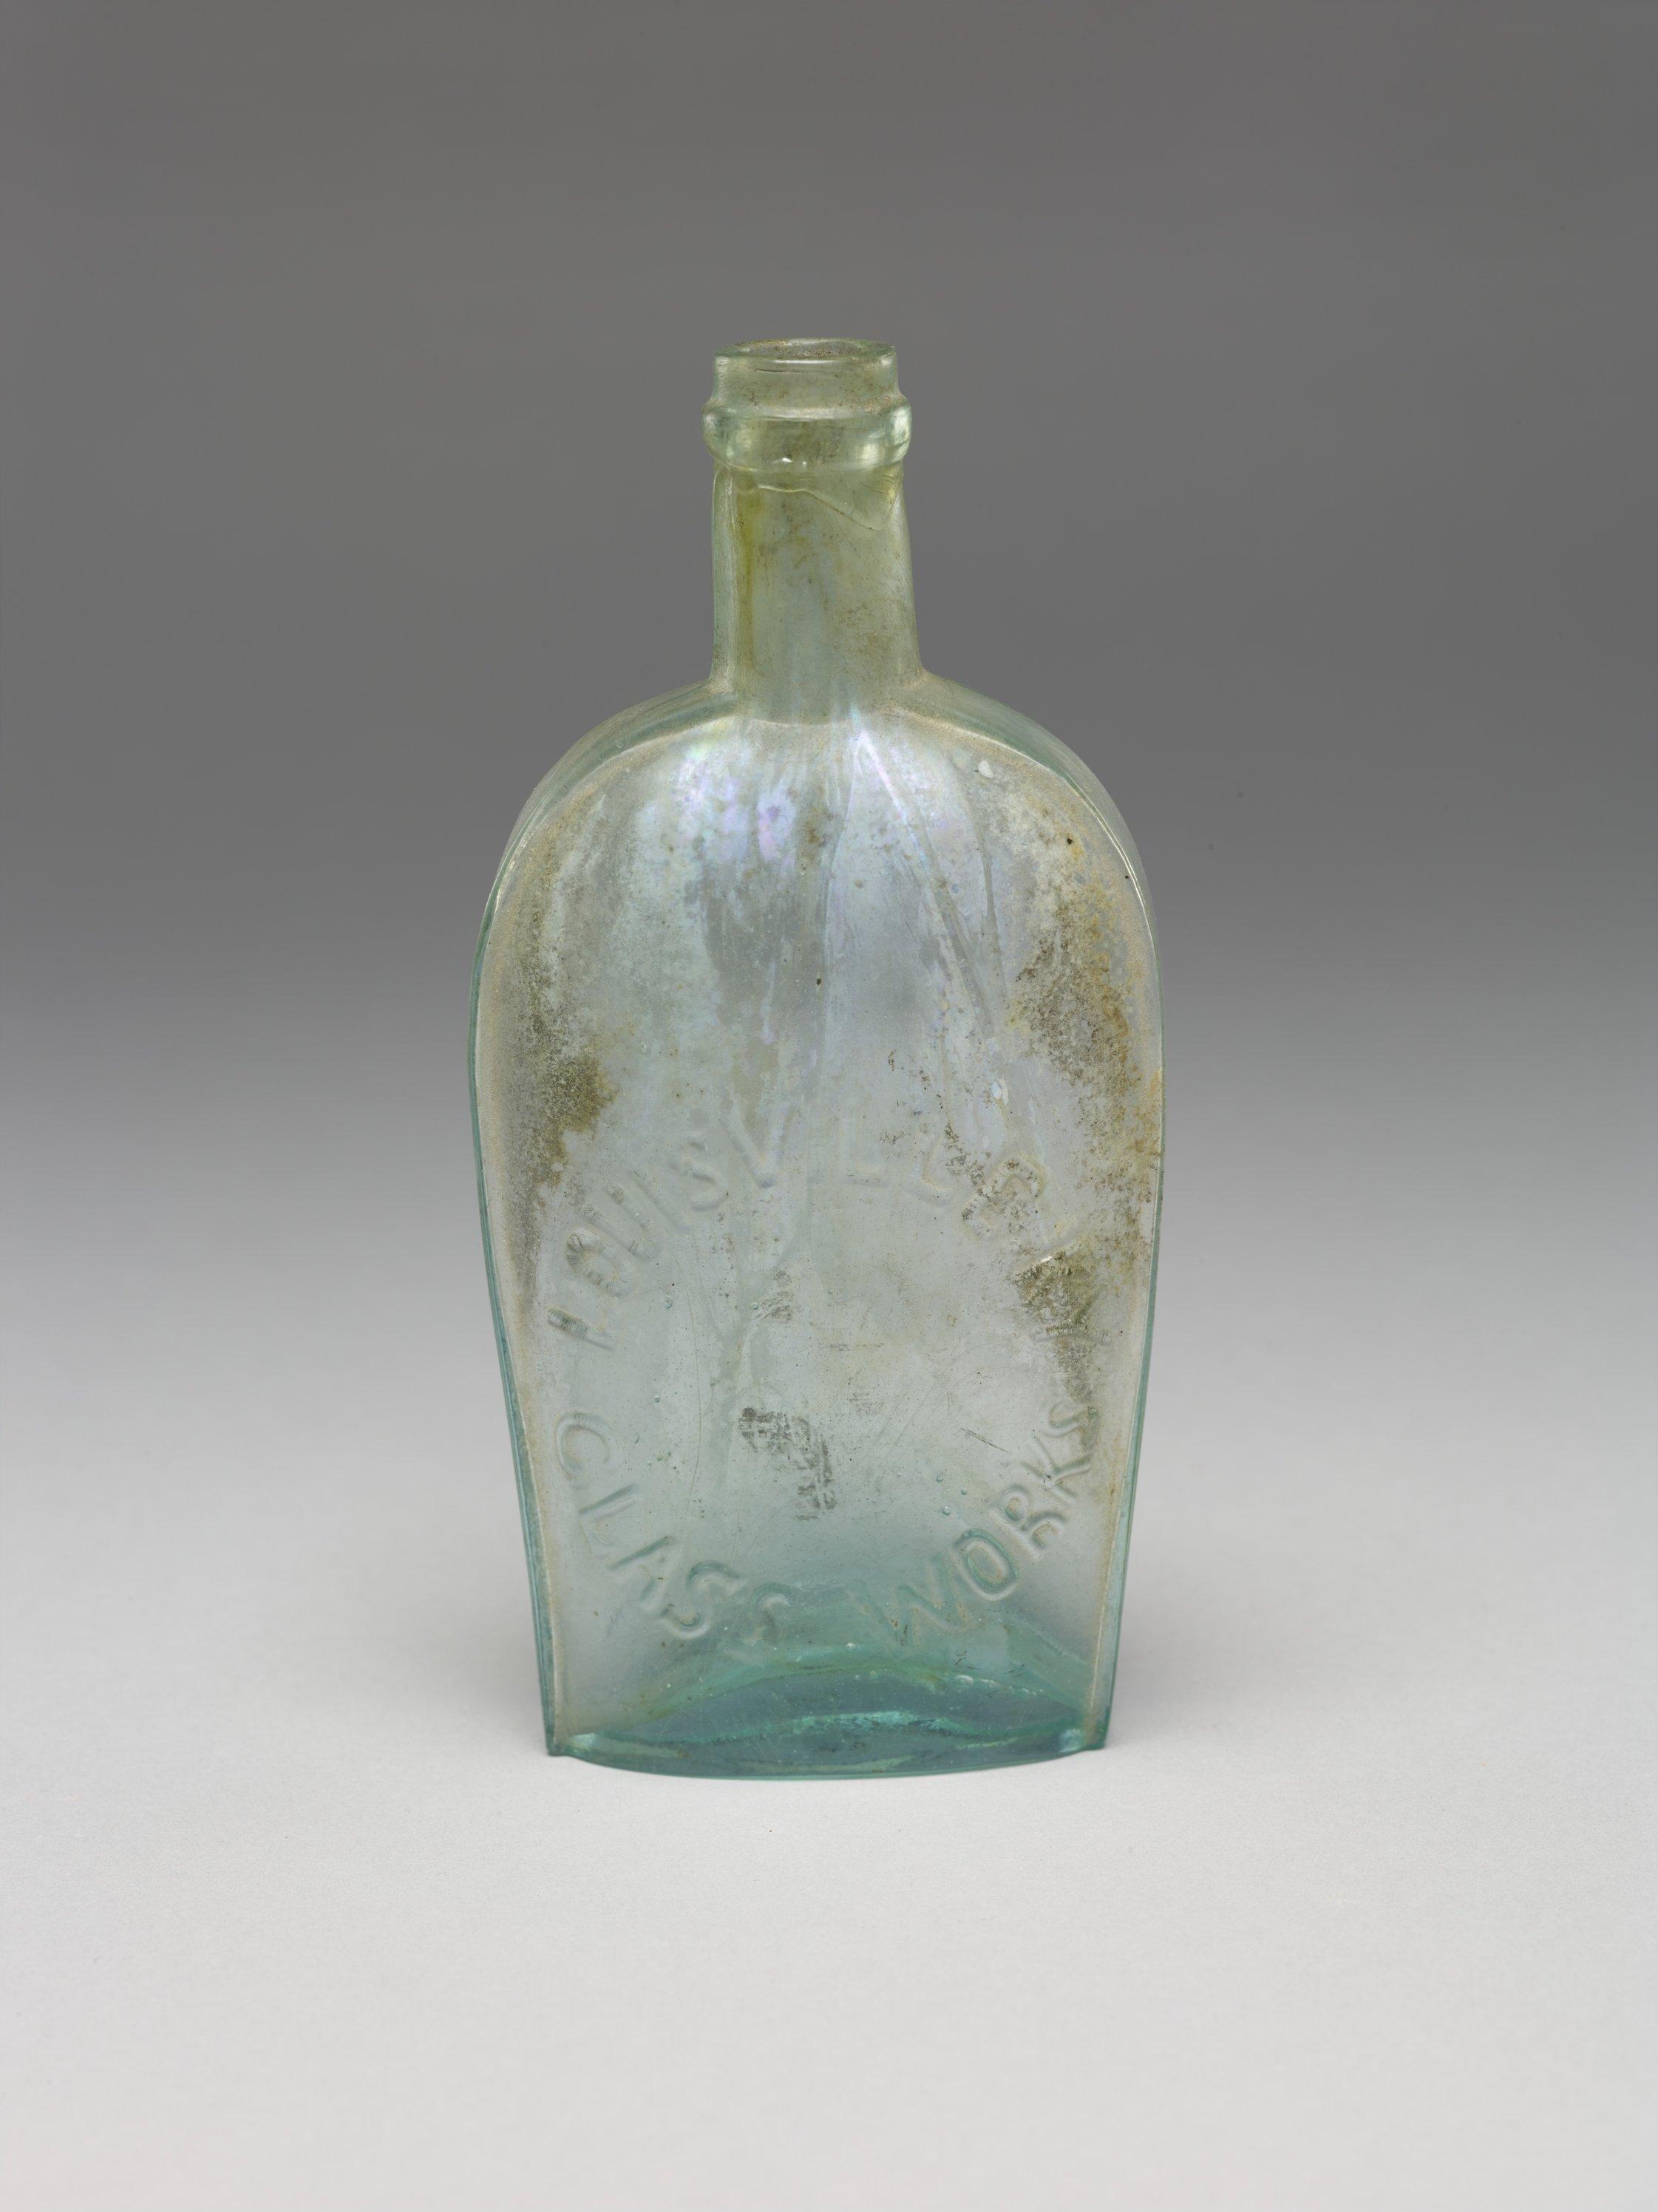 Flask from Fort Scott, 14BO302 - 1